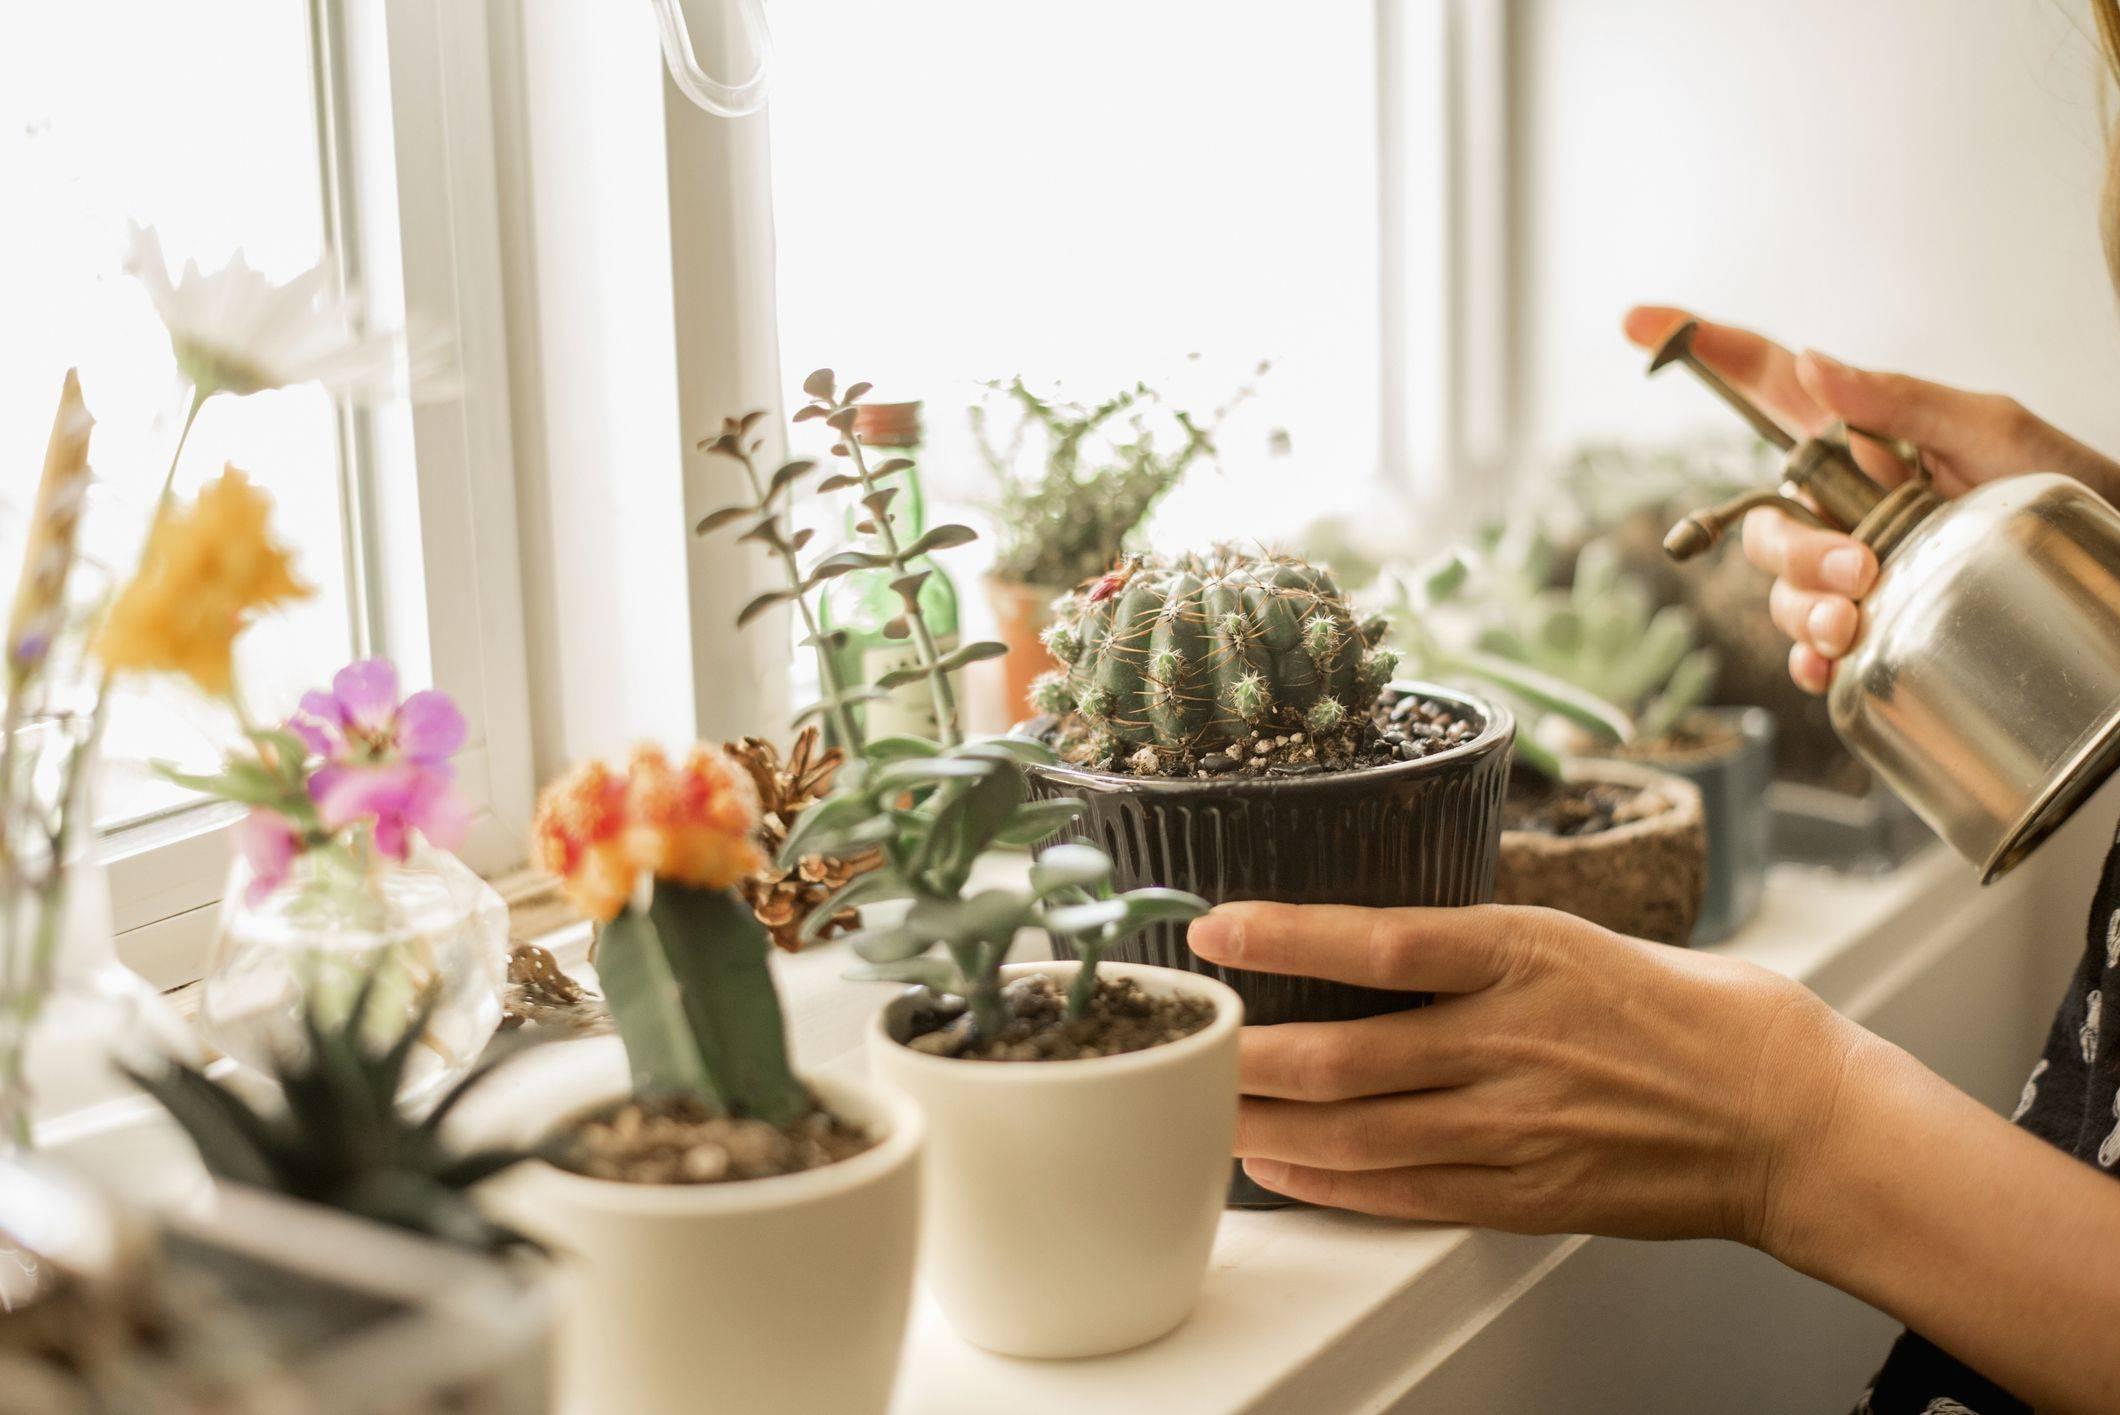 Суеверия и приметы о комнатных цветах — обеспечиваем себе комфорт